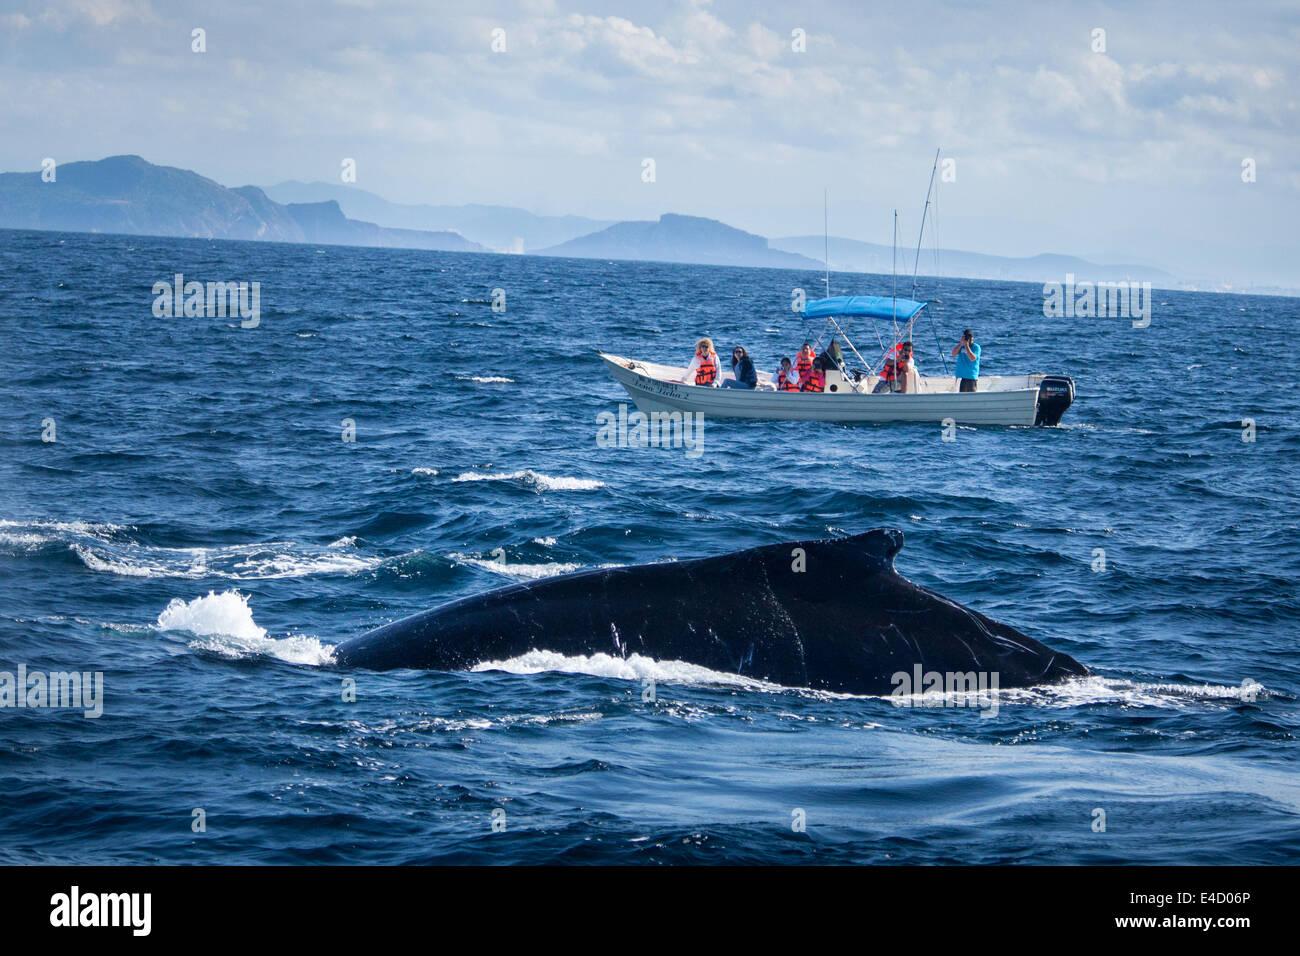 Los turistas fotografían una ballena jorobada cerca de Mazatlán, Sinaloa, México. Imagen De Stock